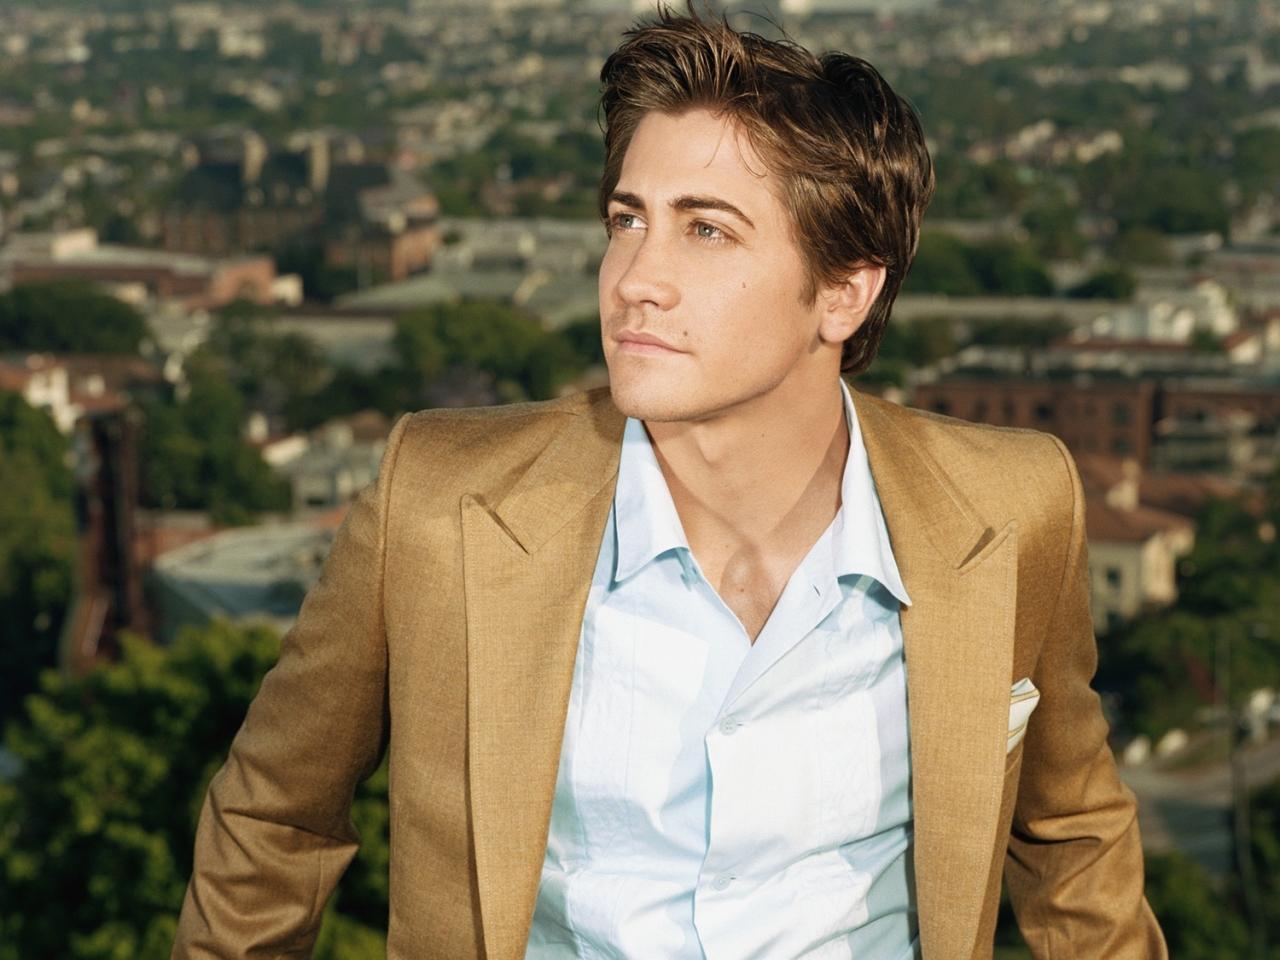 Jake-Gyllenhaal-jake-gyllenhaal-22240781-1280-960.jpg